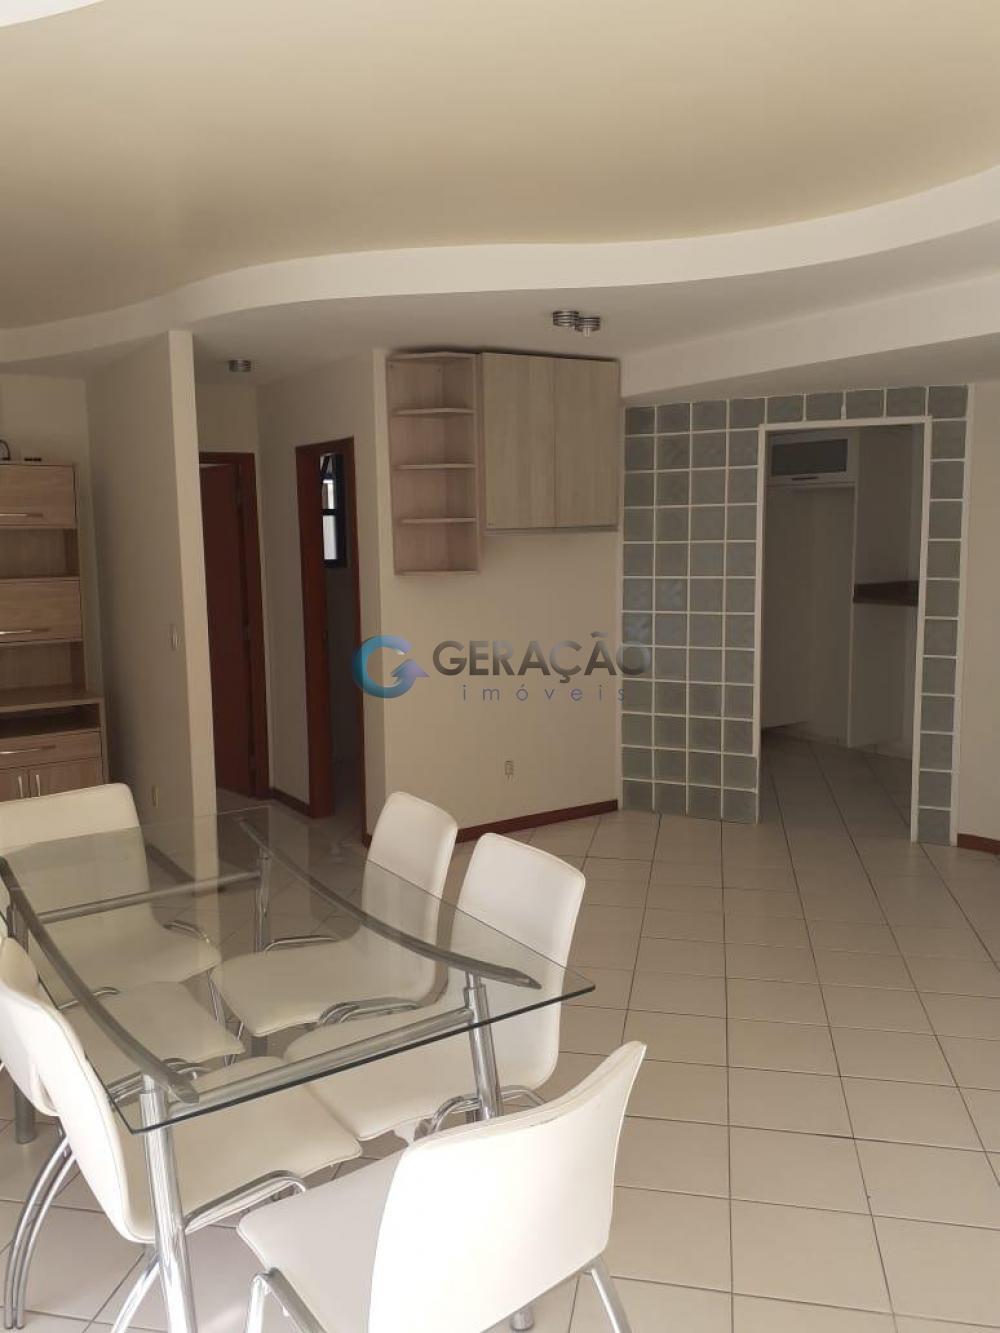 Alugar Apartamento / Padrão em São José dos Campos R$ 1.650,00 - Foto 2